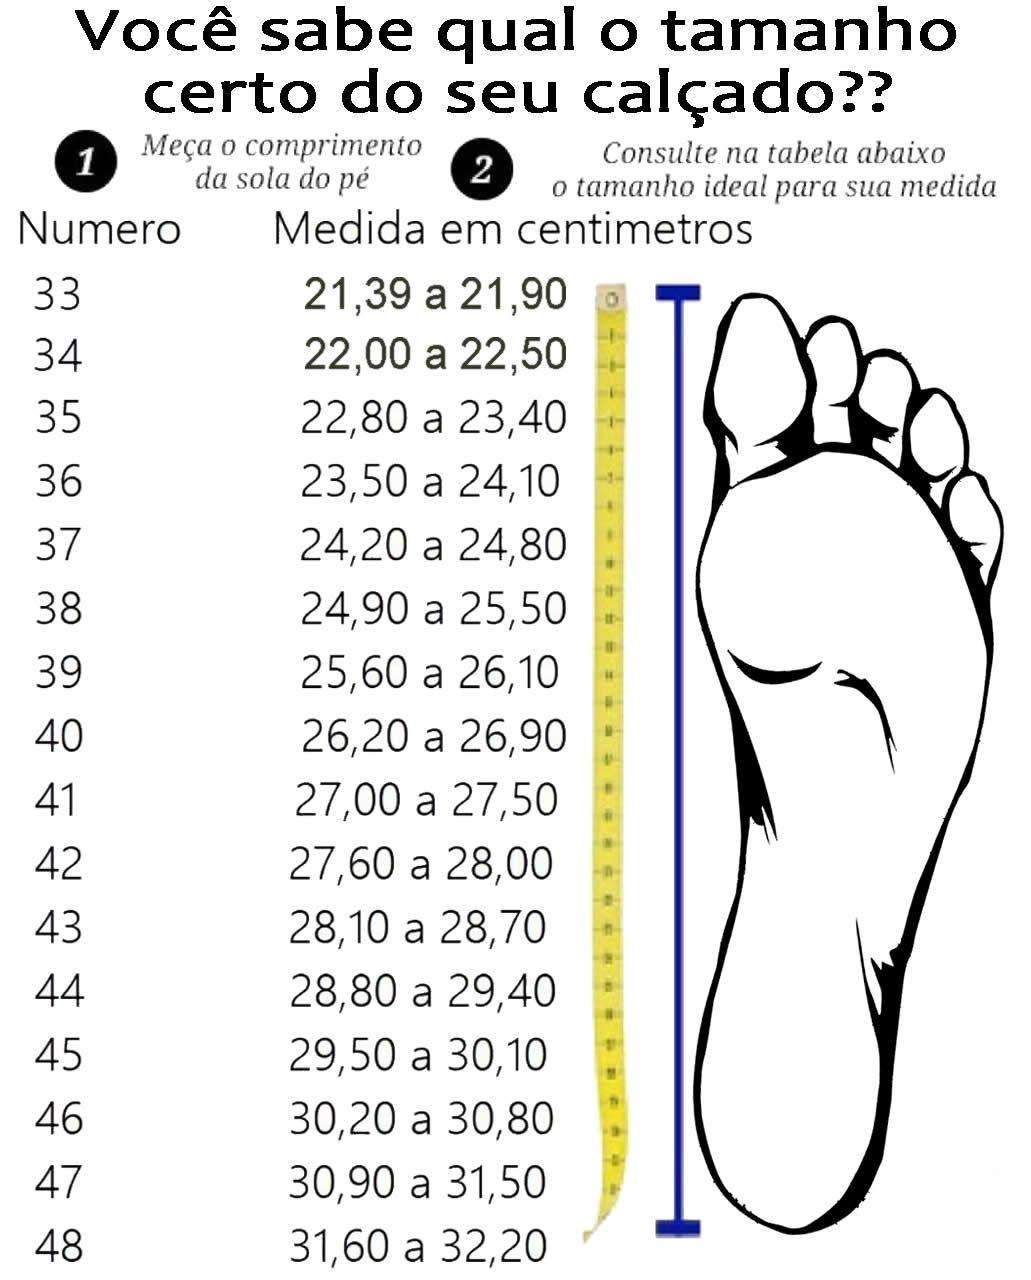 CHUTEIRA PENALTY FUTSAL RX VIRUS VIII - 124163